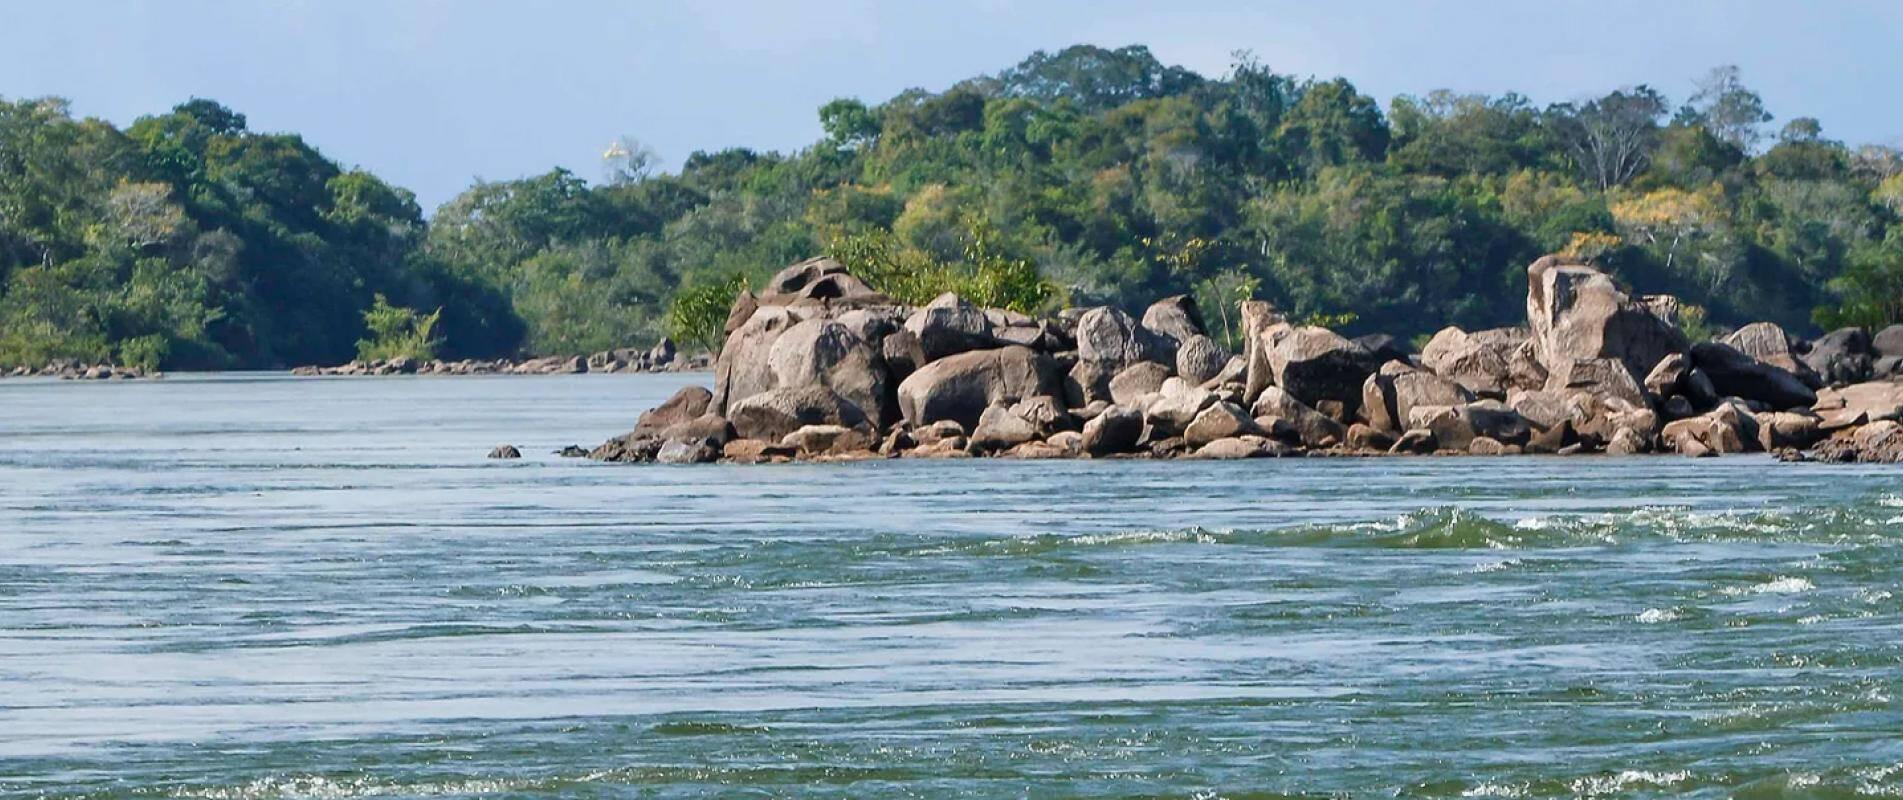 Você também pode nadar e banhar-se nas águas do Rio Xingu, que corta todo o estado do Pará de Norte a Sul, em Altamira. Foto: Divulgação